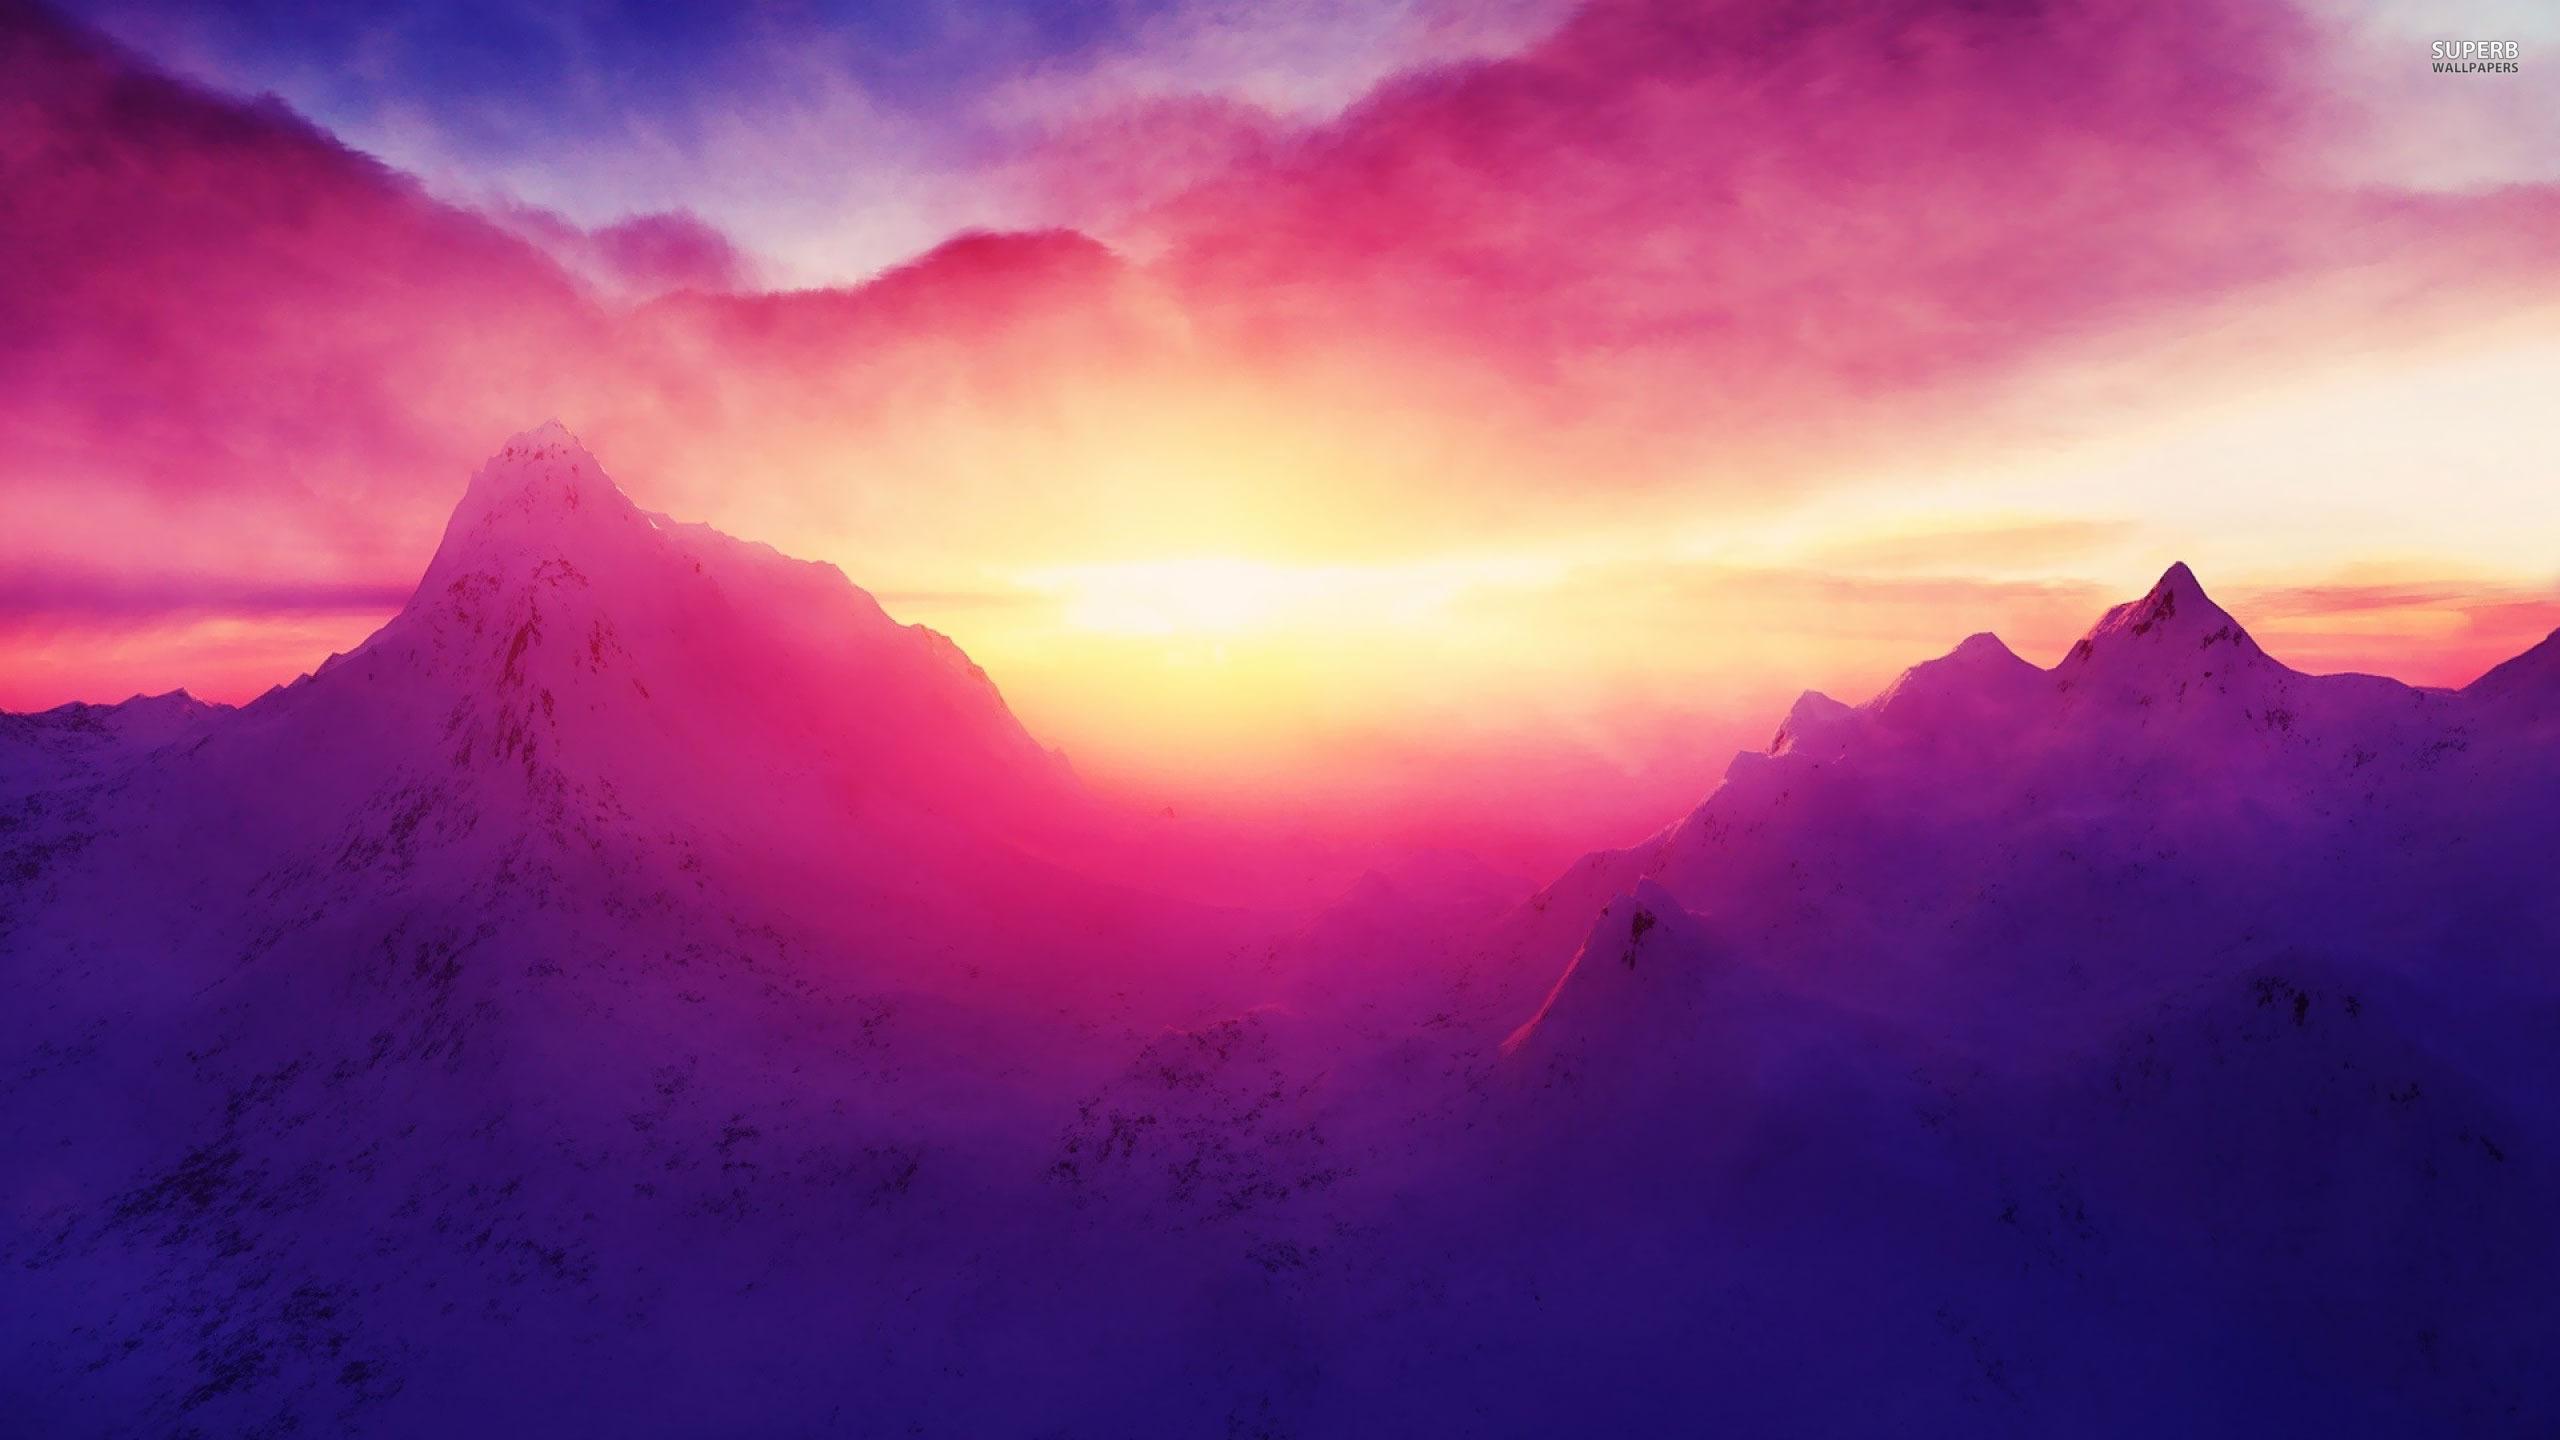 Mountain Sunrise 18614 25601440 Experimente în Sisteme